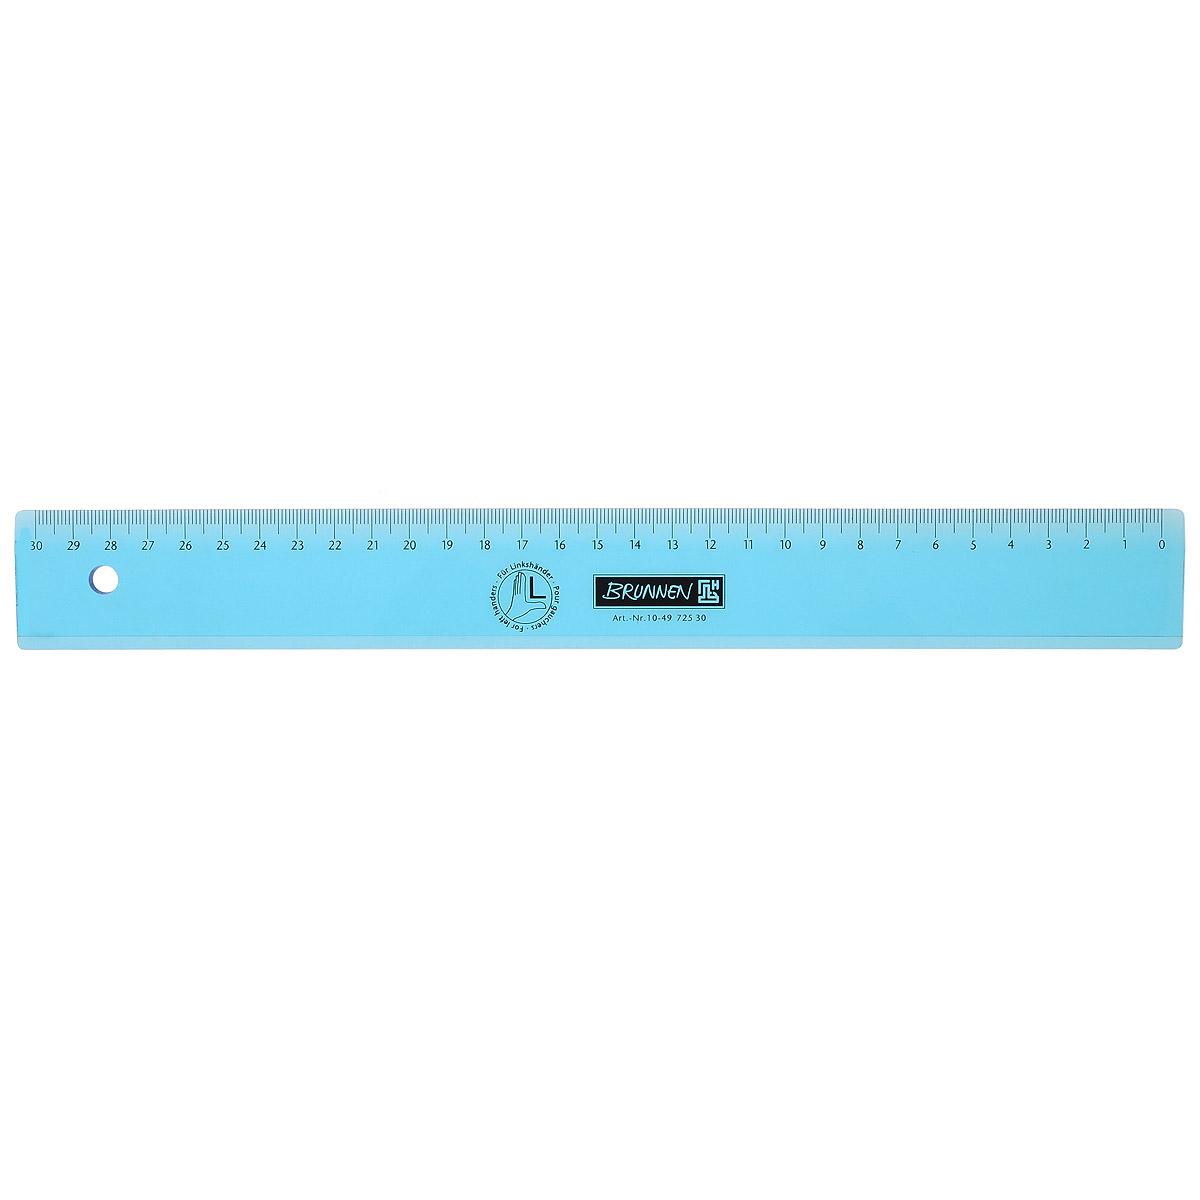 Линейка для левши Brunnen, цвет: голубой, 30 смFS-36054Линейка Brunnen, длиной 30 см, выполнена из прозрачного пластика голубого цвета. Линейка предназначена специально для левшей. Шкала на линейке расположена справа налево. Линейка Brunnen - это незаменимый атрибут, необходимый школьнику или студенту, упрощающий измерение и обеспечивающий ровность проводимых линий.